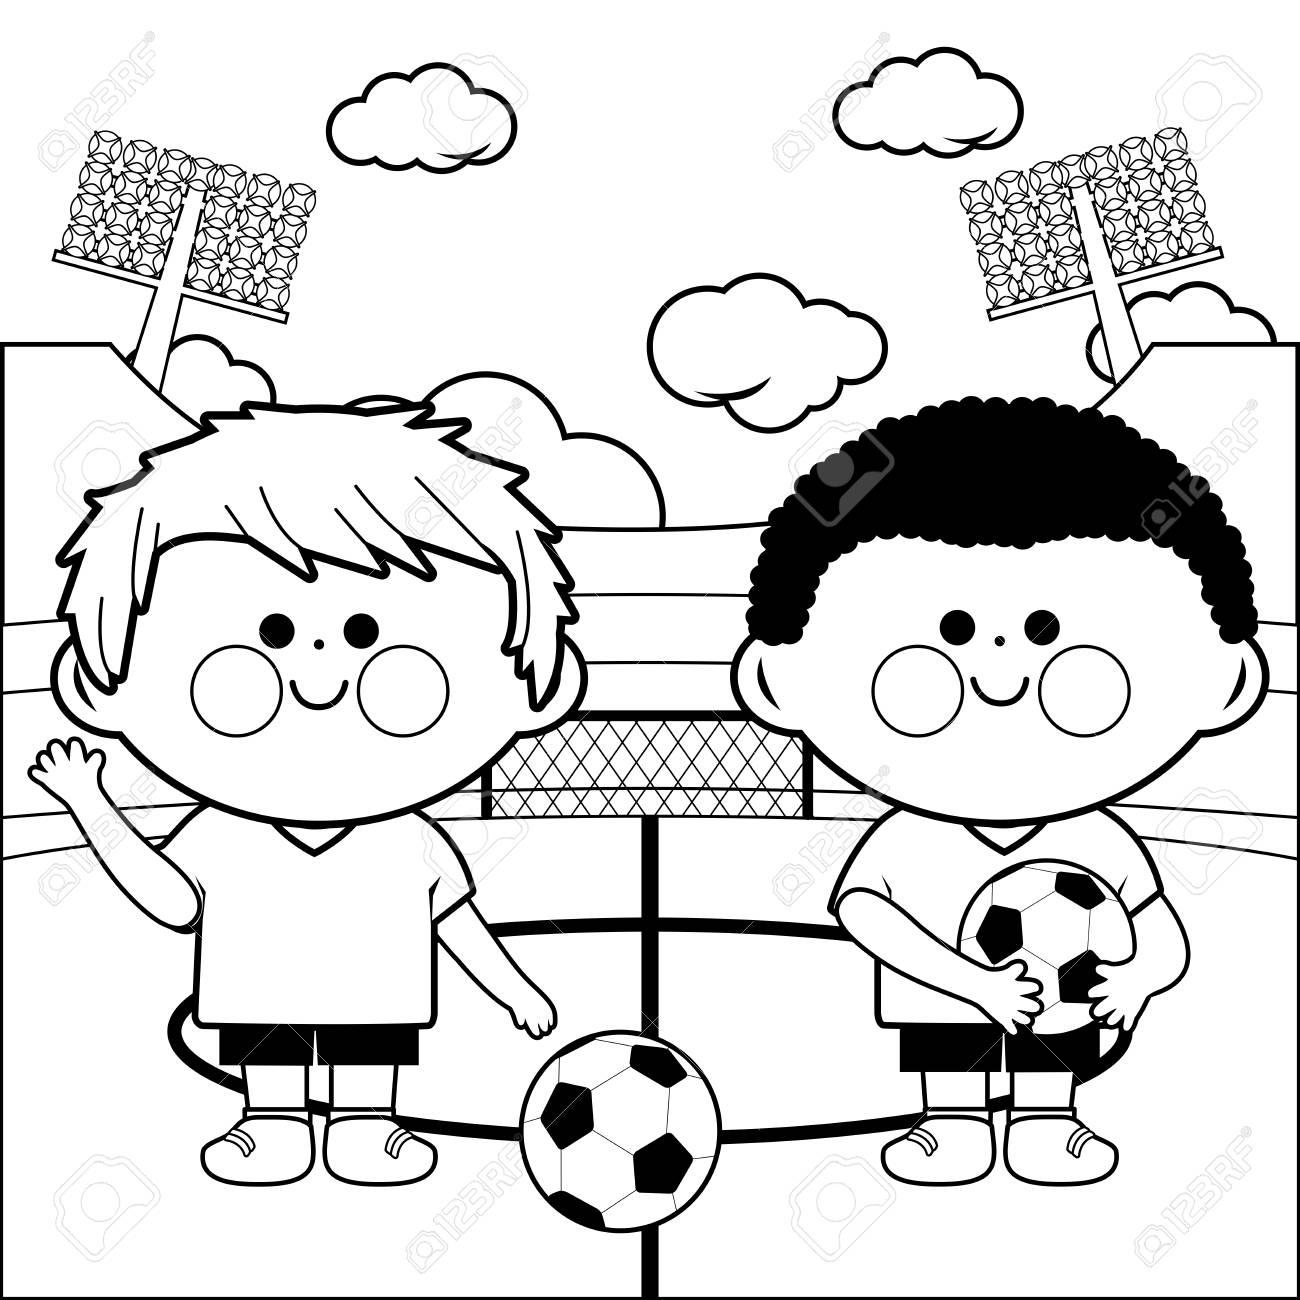 Dos Niños Pequeños Jugadores De Fútbol En Un Estadio Ilustración De Página Para Colorear En Blanco Y Negro